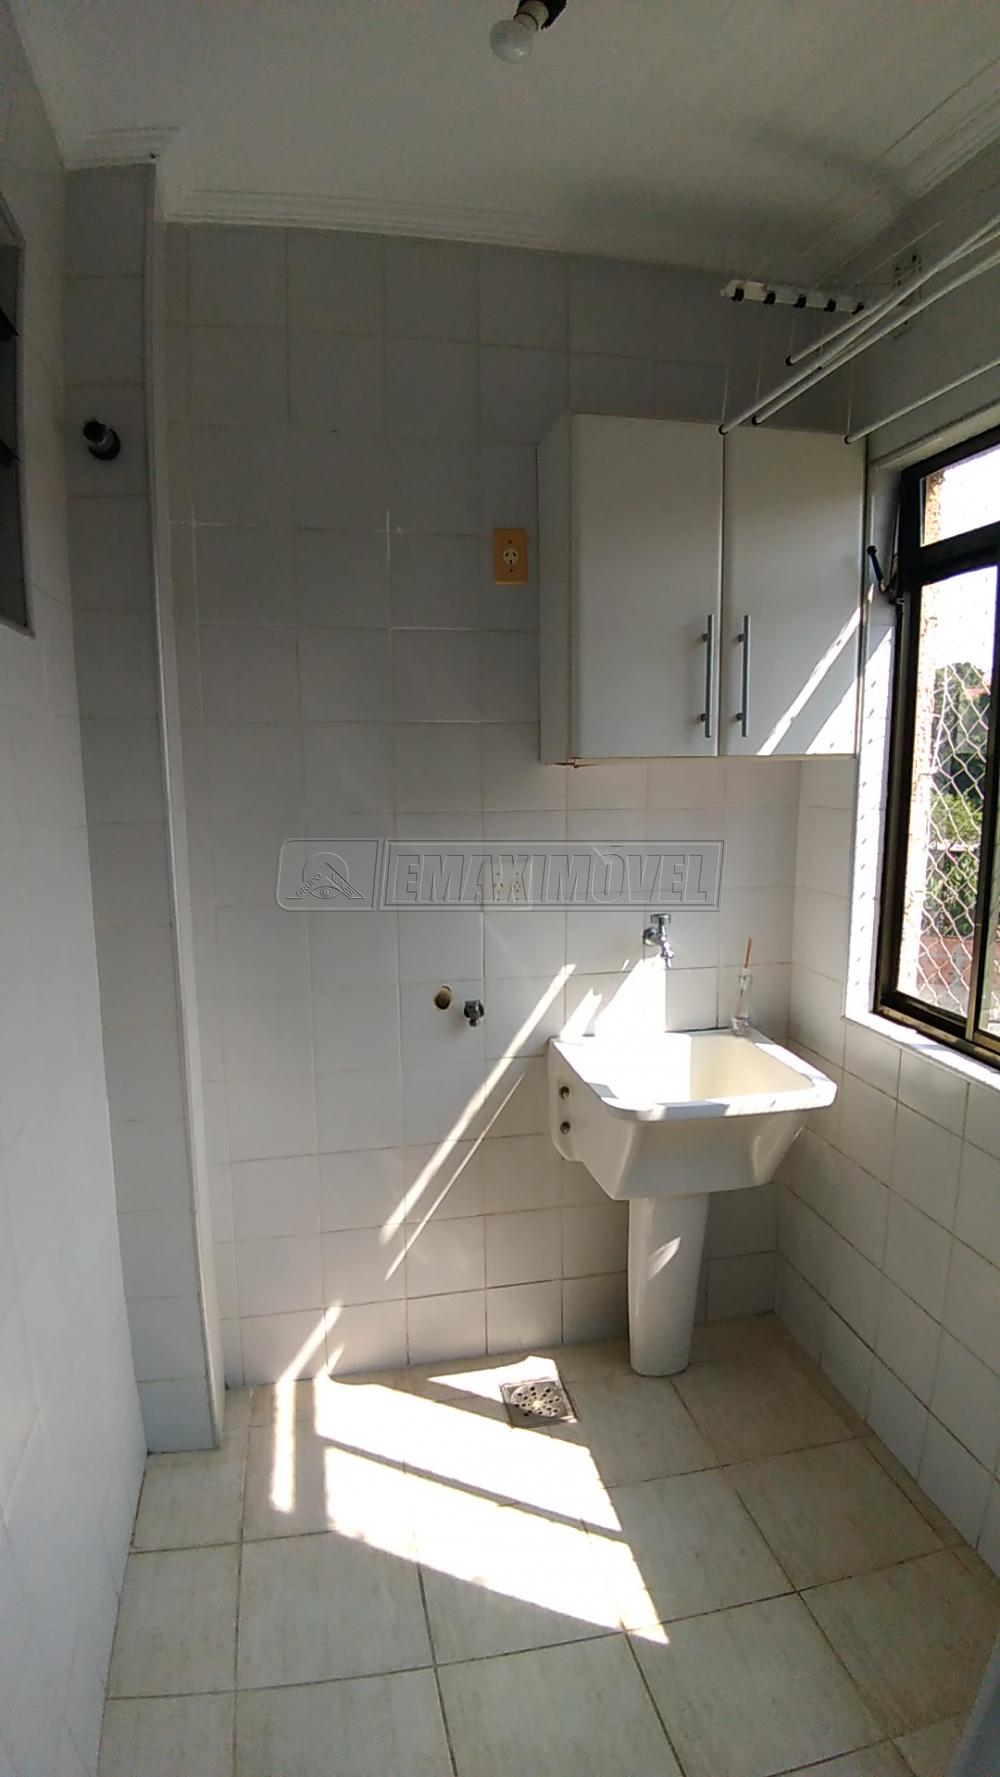 Alugar Apartamentos / Apto Padrão em Sorocaba R$ 1.250,00 - Foto 32